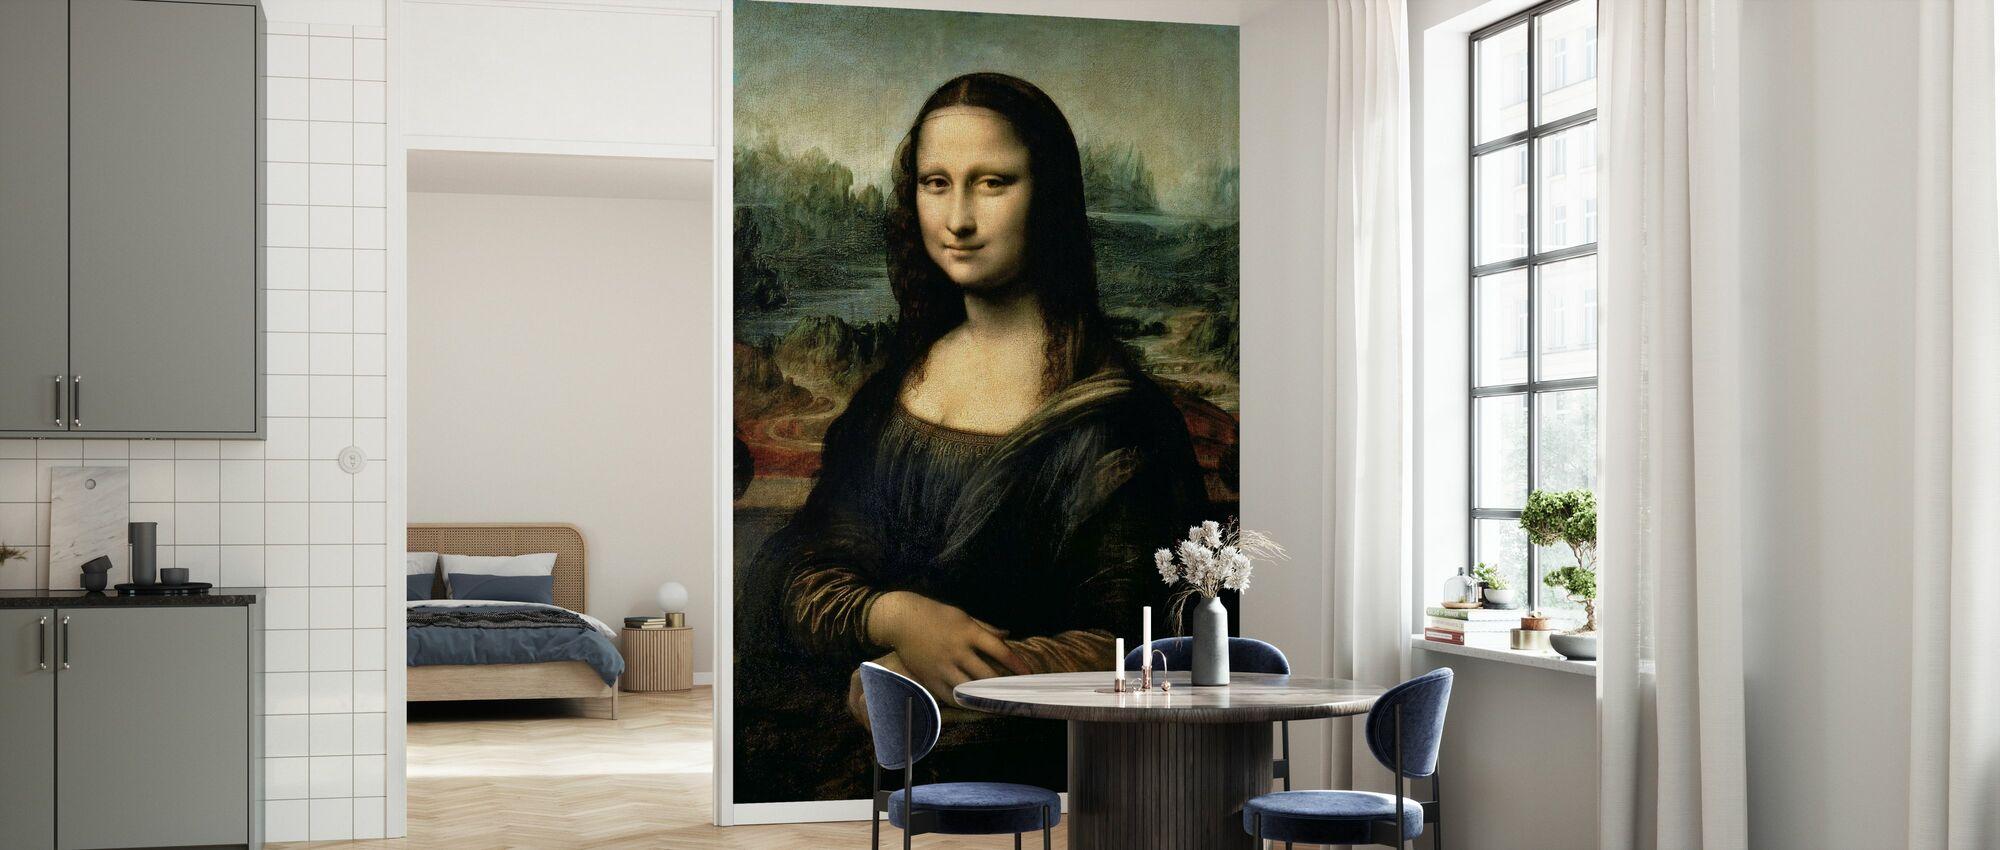 Mona Lisa, Leonardo da Vinci - Papel pintado - Cocina